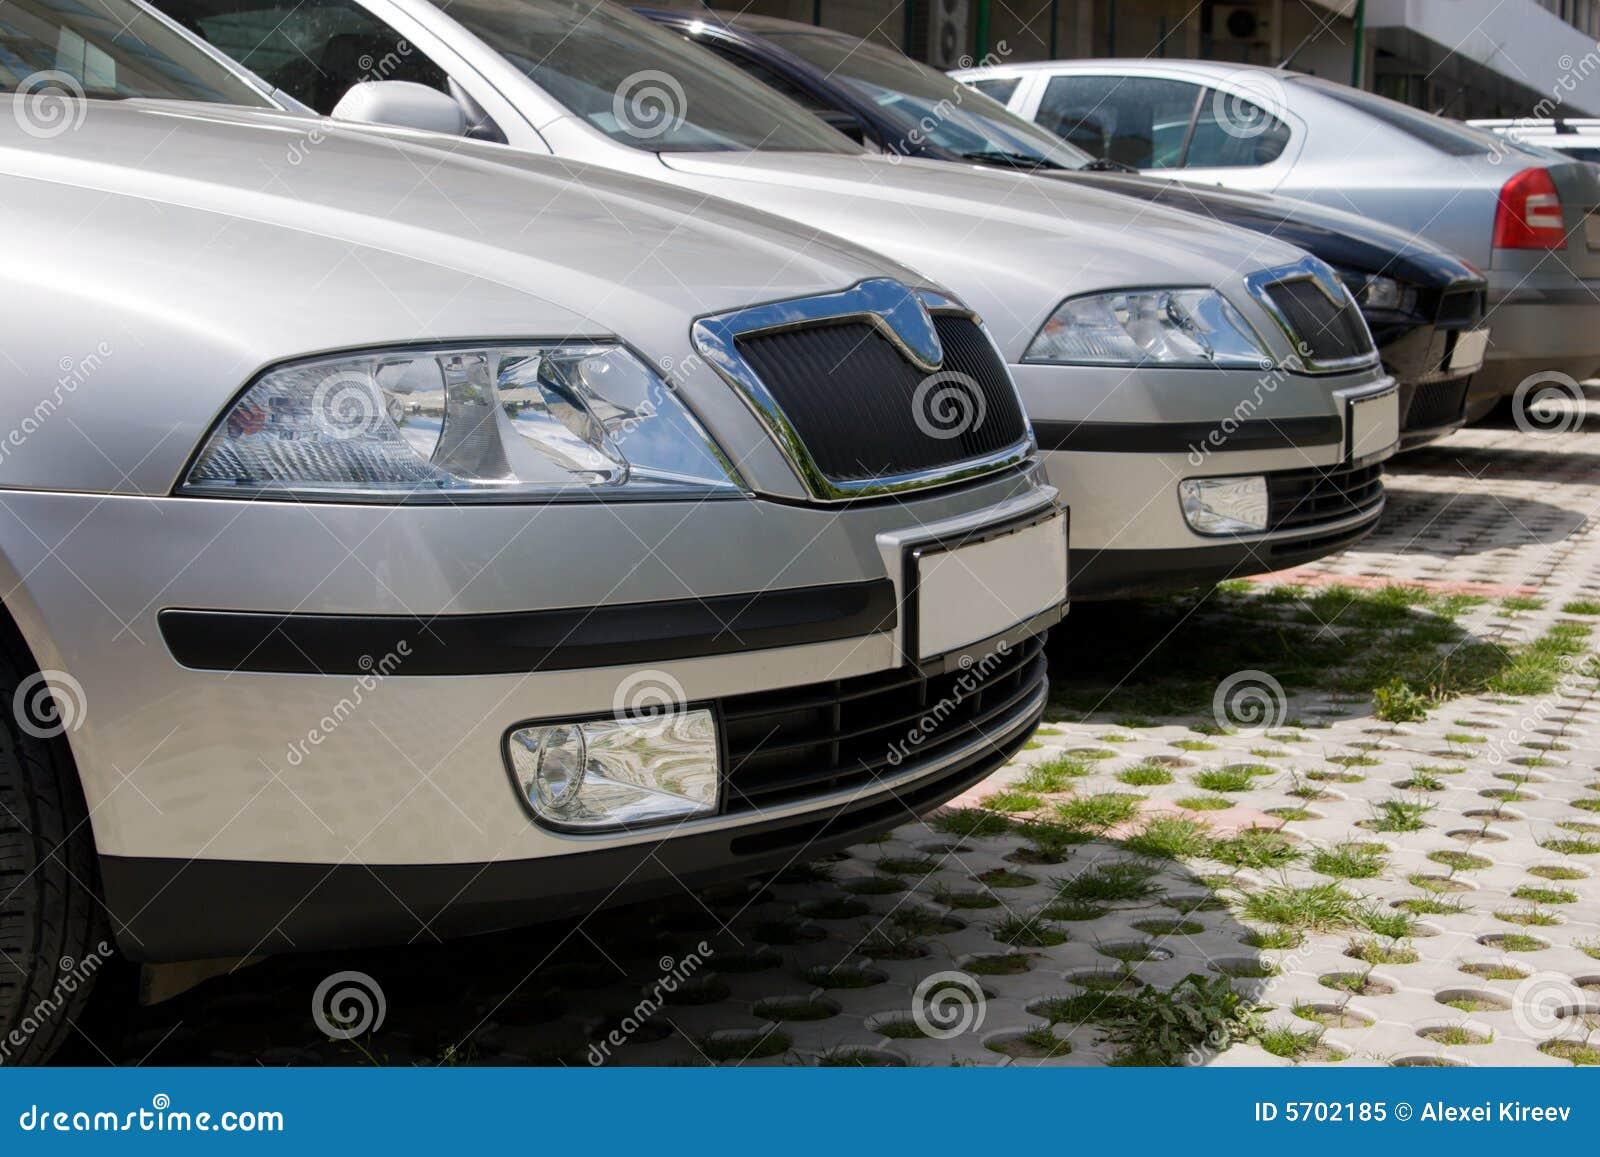 автомобили закрывают припарковано вверх